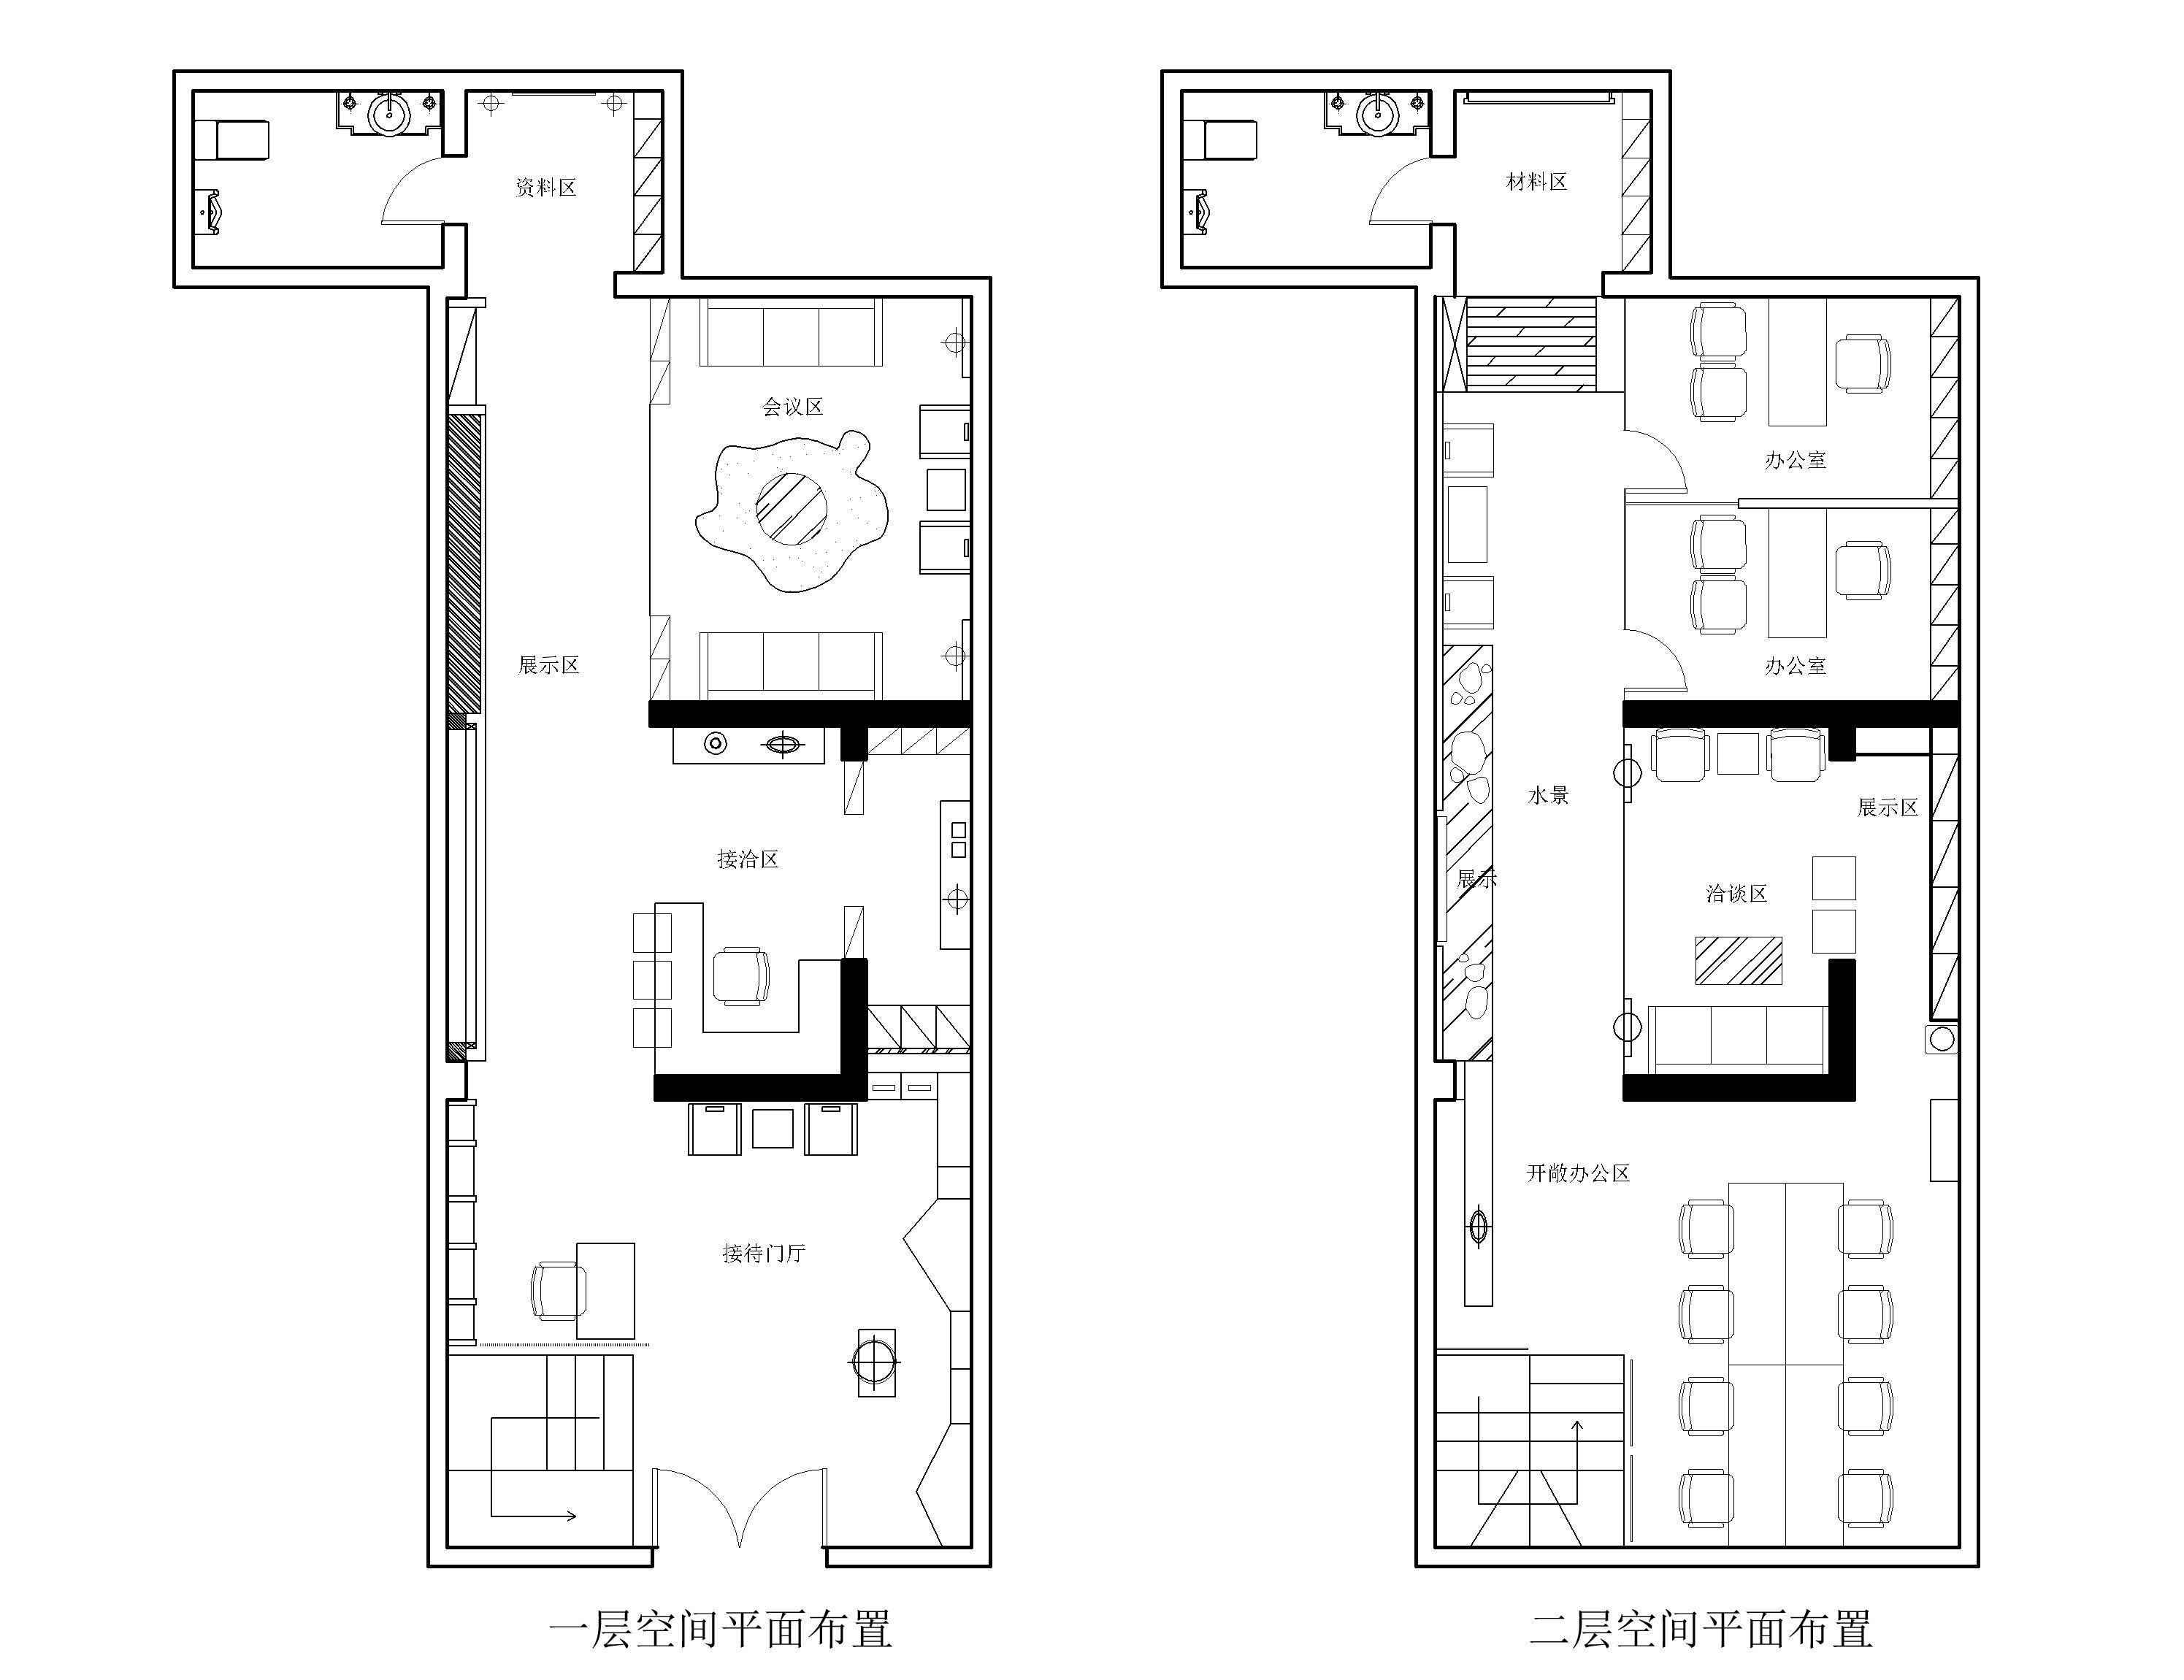 使空间结构与功能使用更好的融合,以空间设计为切入点,将传统文化与